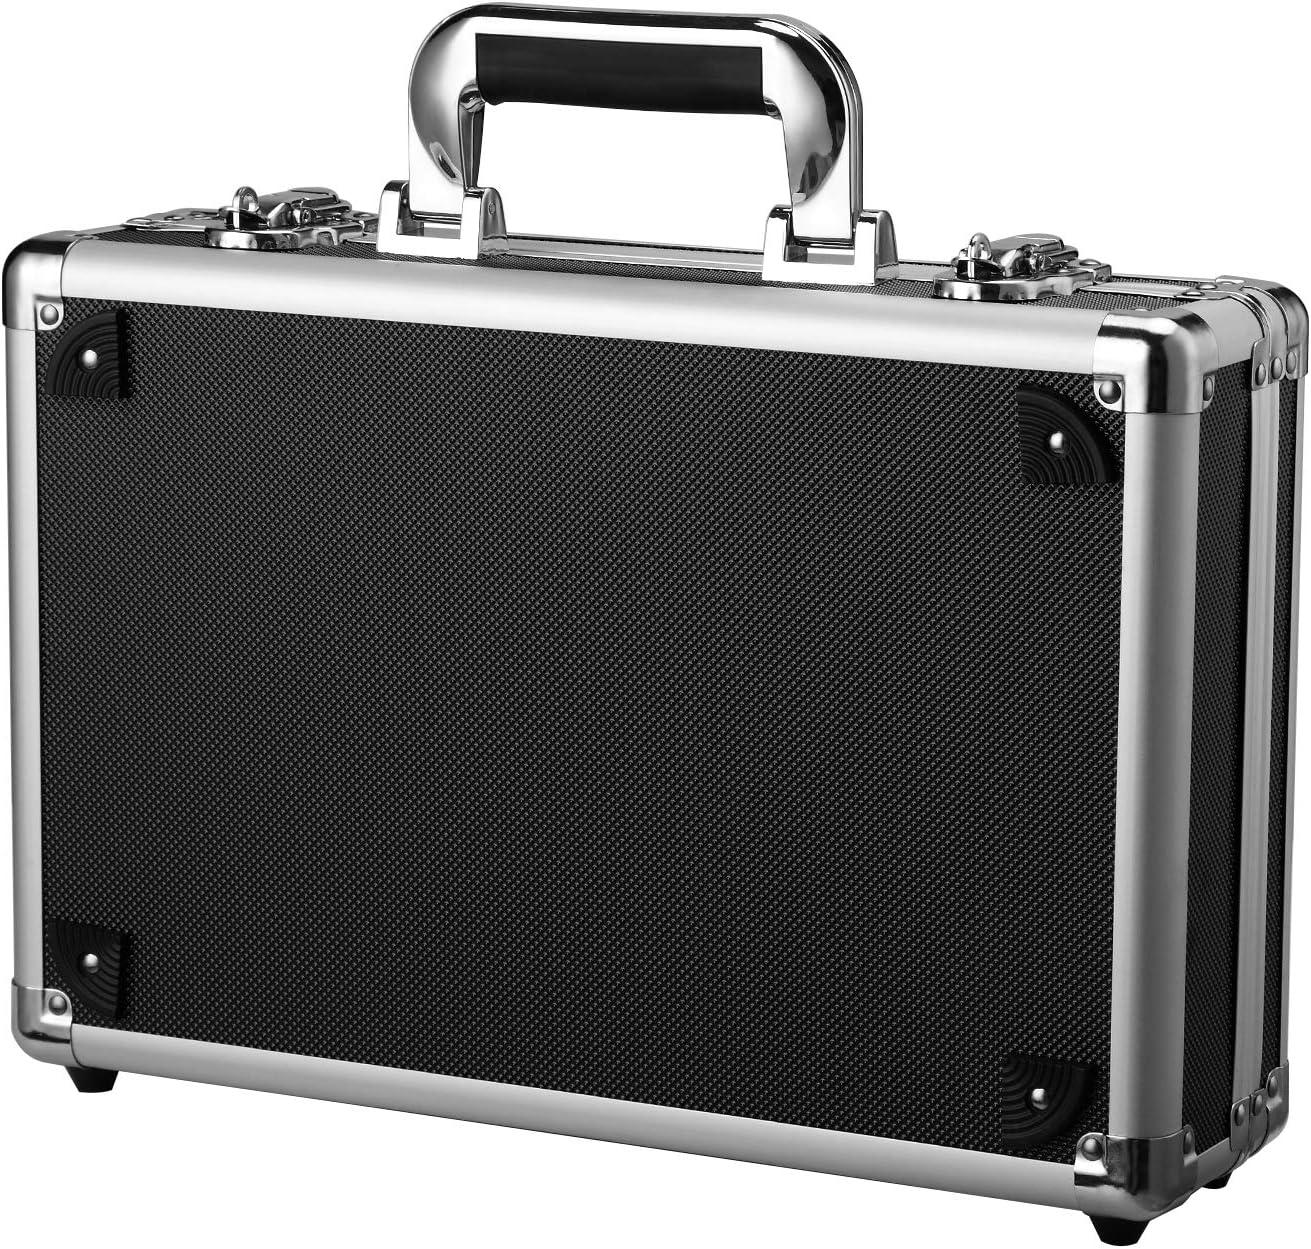 Carcasa rígida de aluminio con inserto de espuma para instrumentos, caja de almacenamiento, maleta de transporte de vuelo: Amazon.es: Oficina y papelería